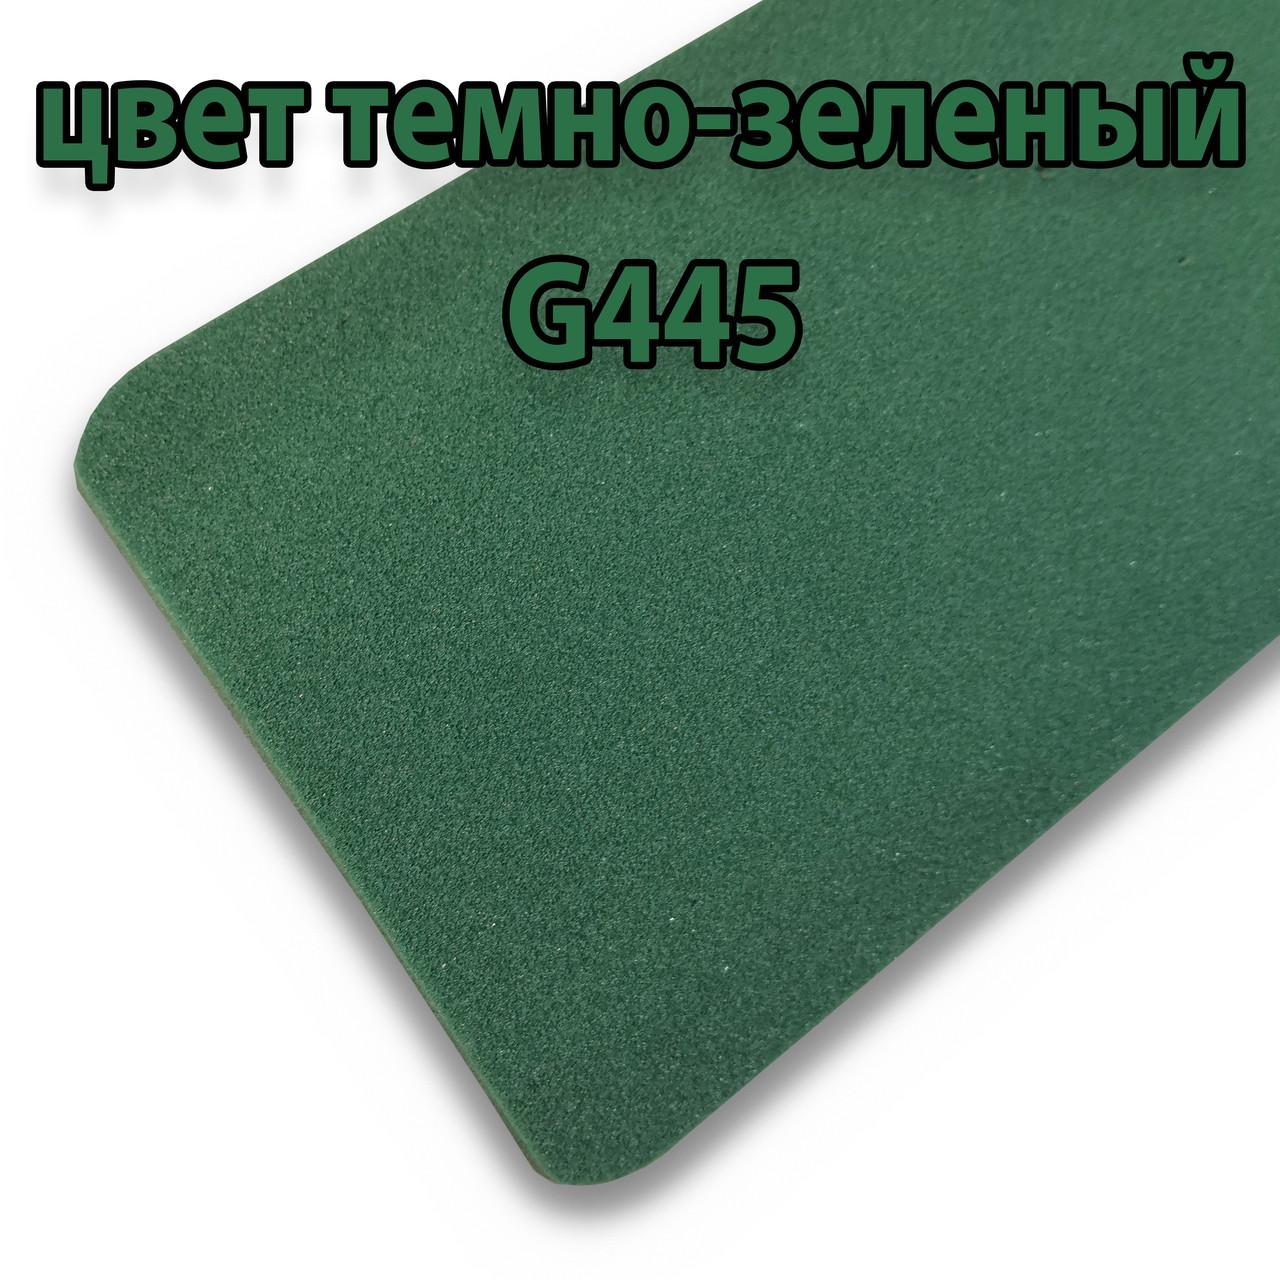 Изолон цветной, 2 мм темно-зеленый